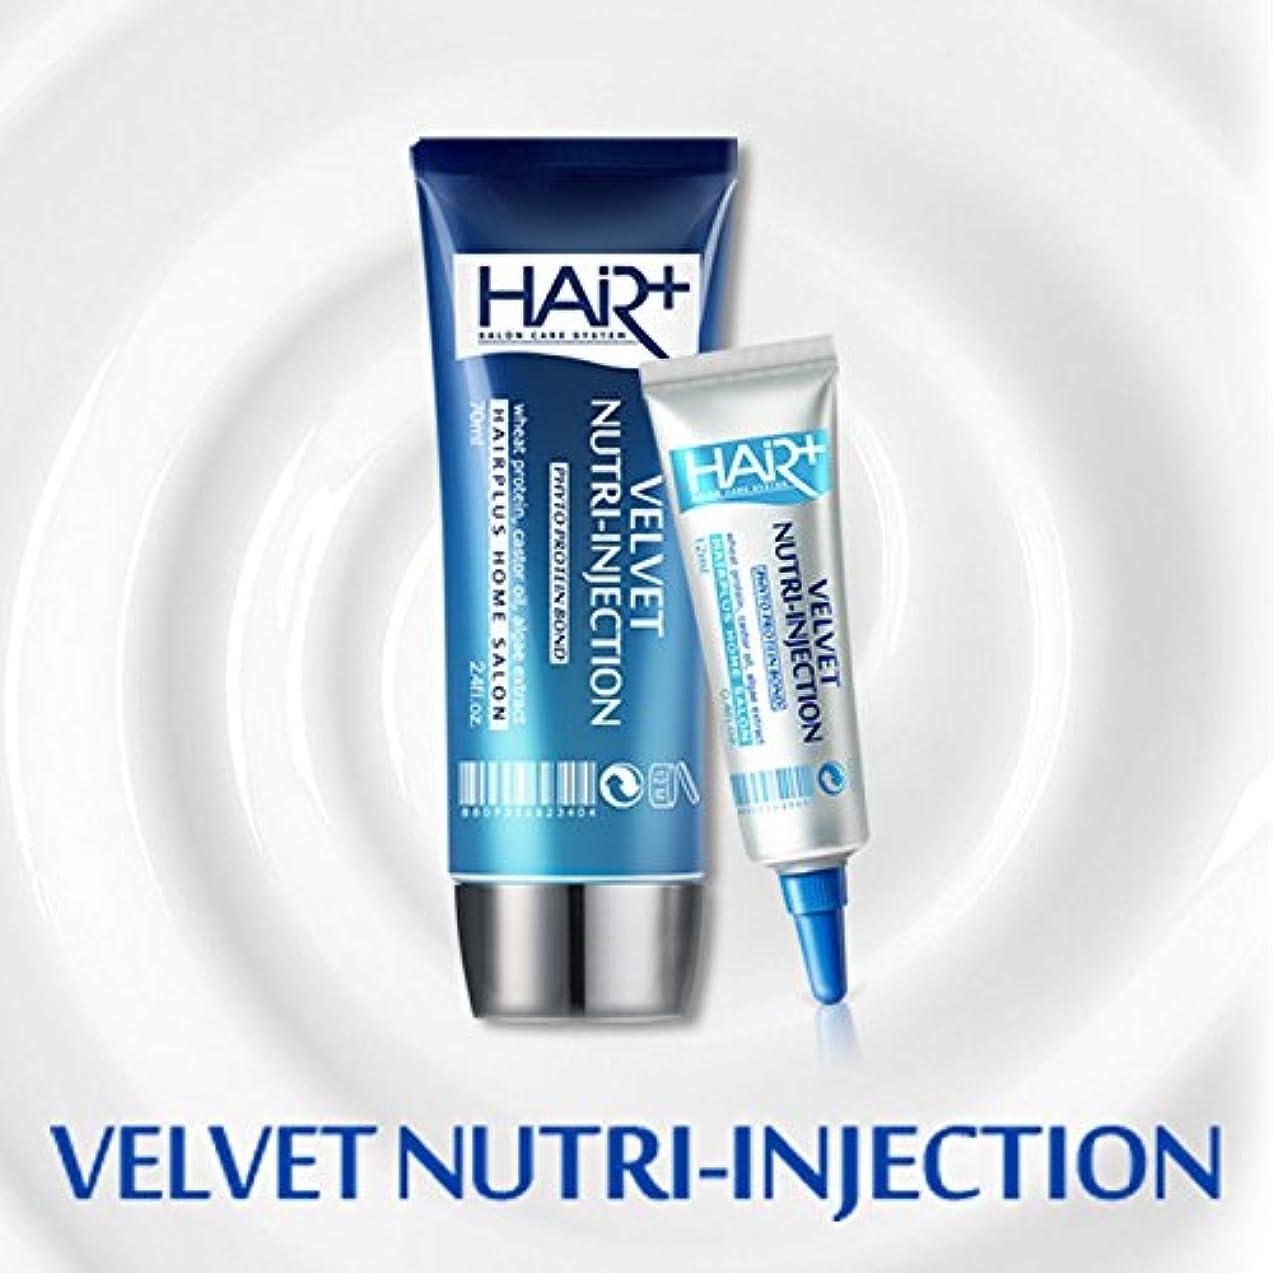 リクルートところでヘアプラス(Hairplus)タンパク質ボンドアンプル70ml (NUTRI-INJECTION) + 12ml [並行輸入品]